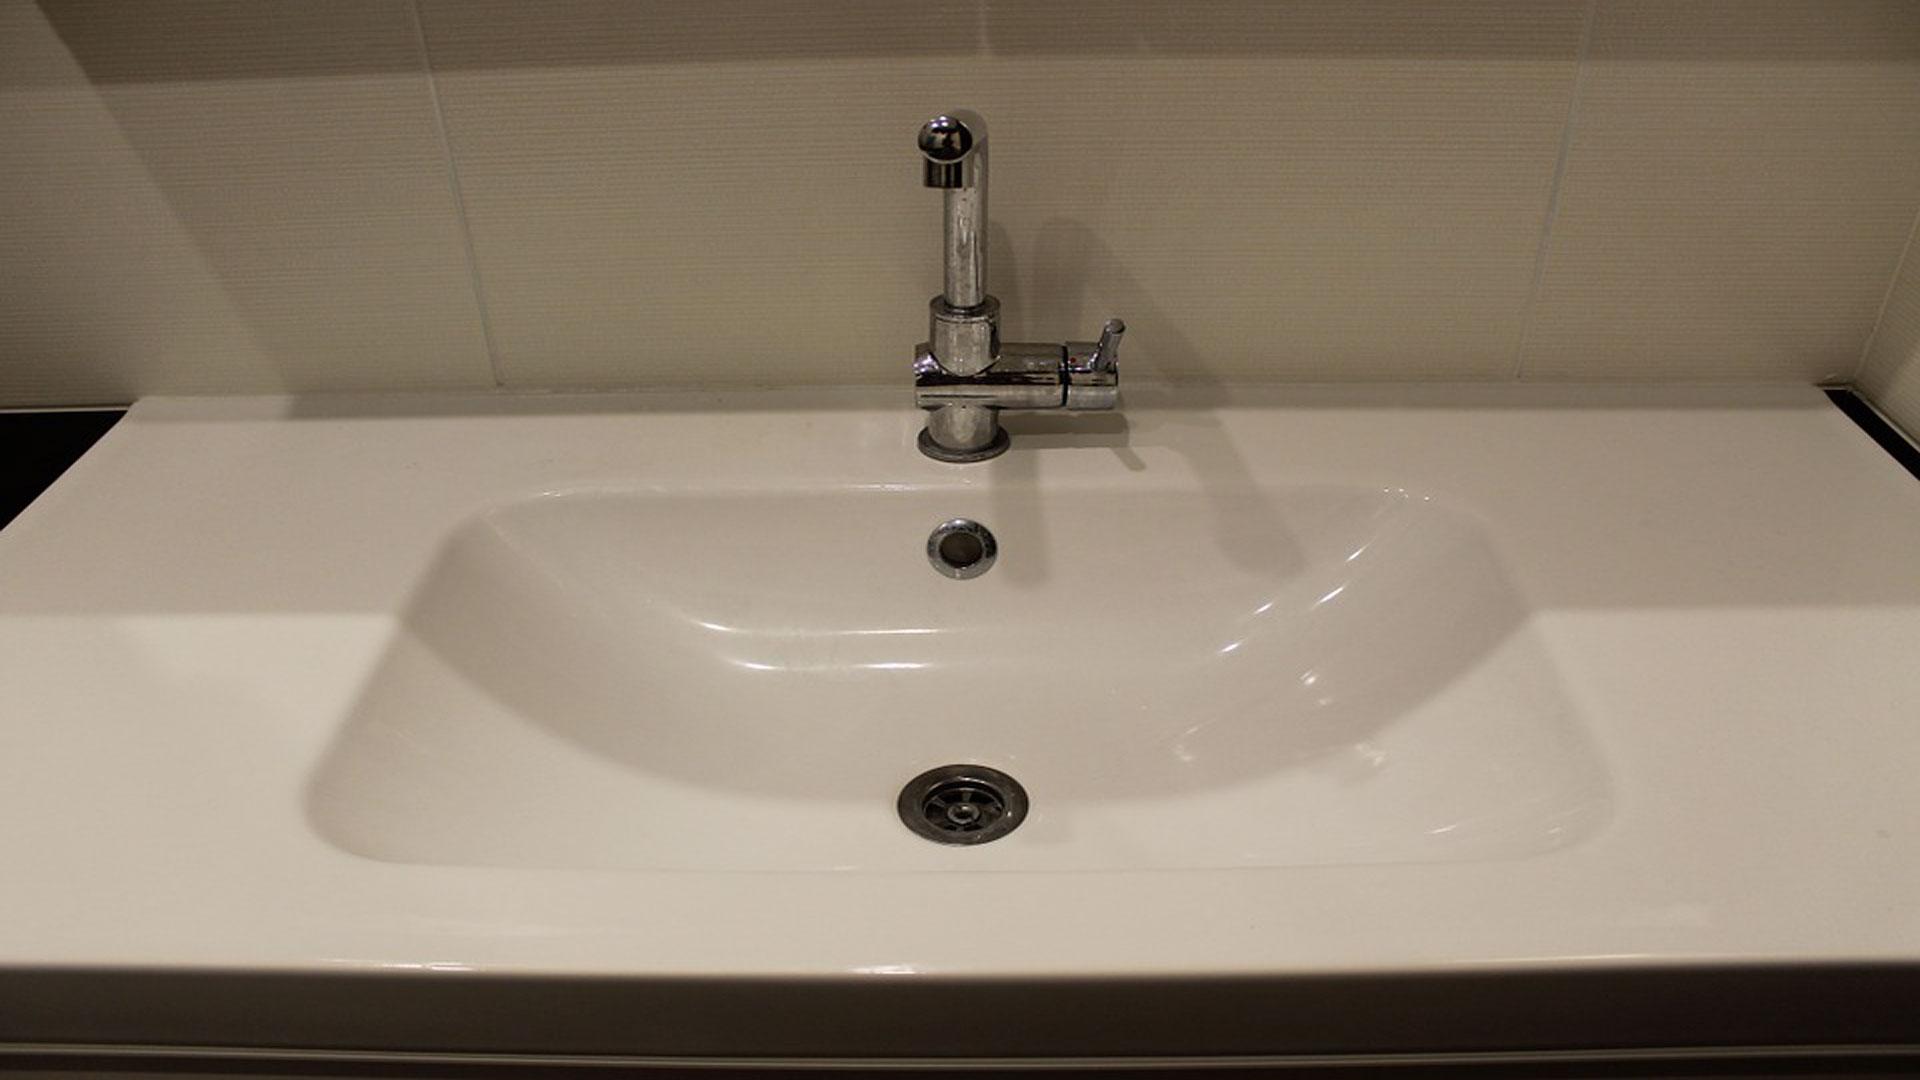 Cómo-ahorrar-en-el-baño-1920